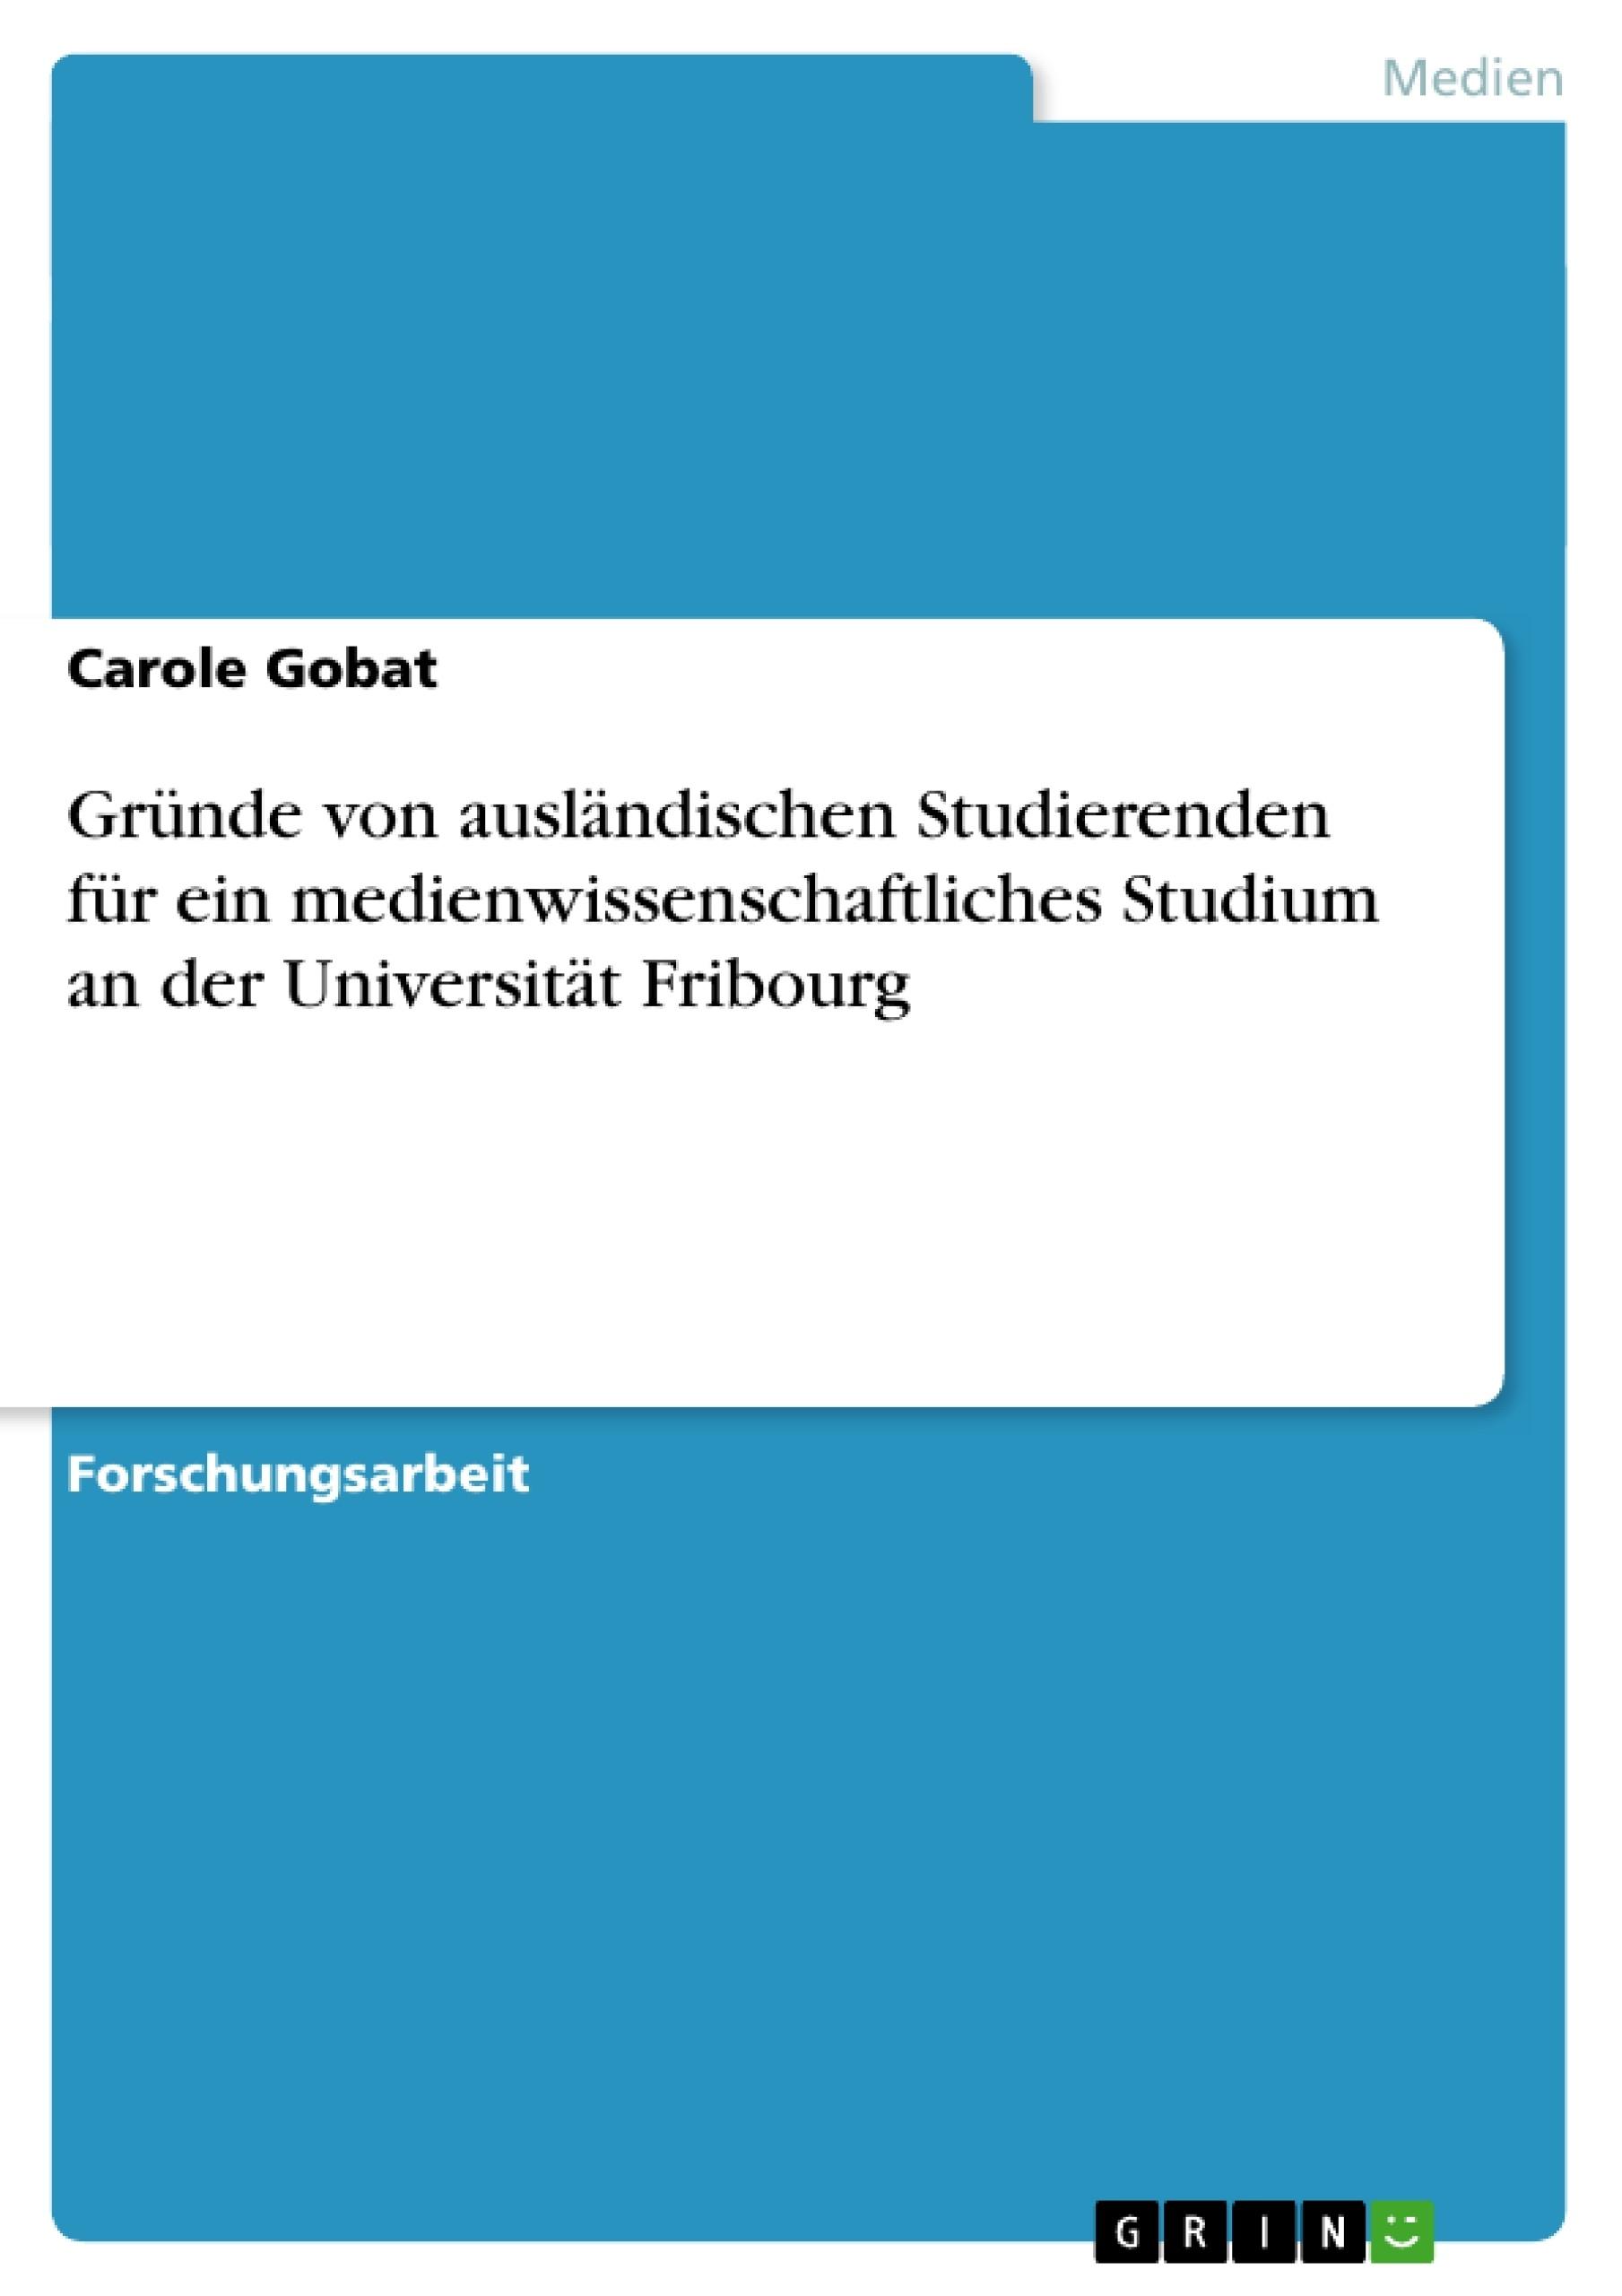 Titel: Gründe von ausländischen Studierenden für ein medienwissenschaftliches Studium an der Universität Fribourg